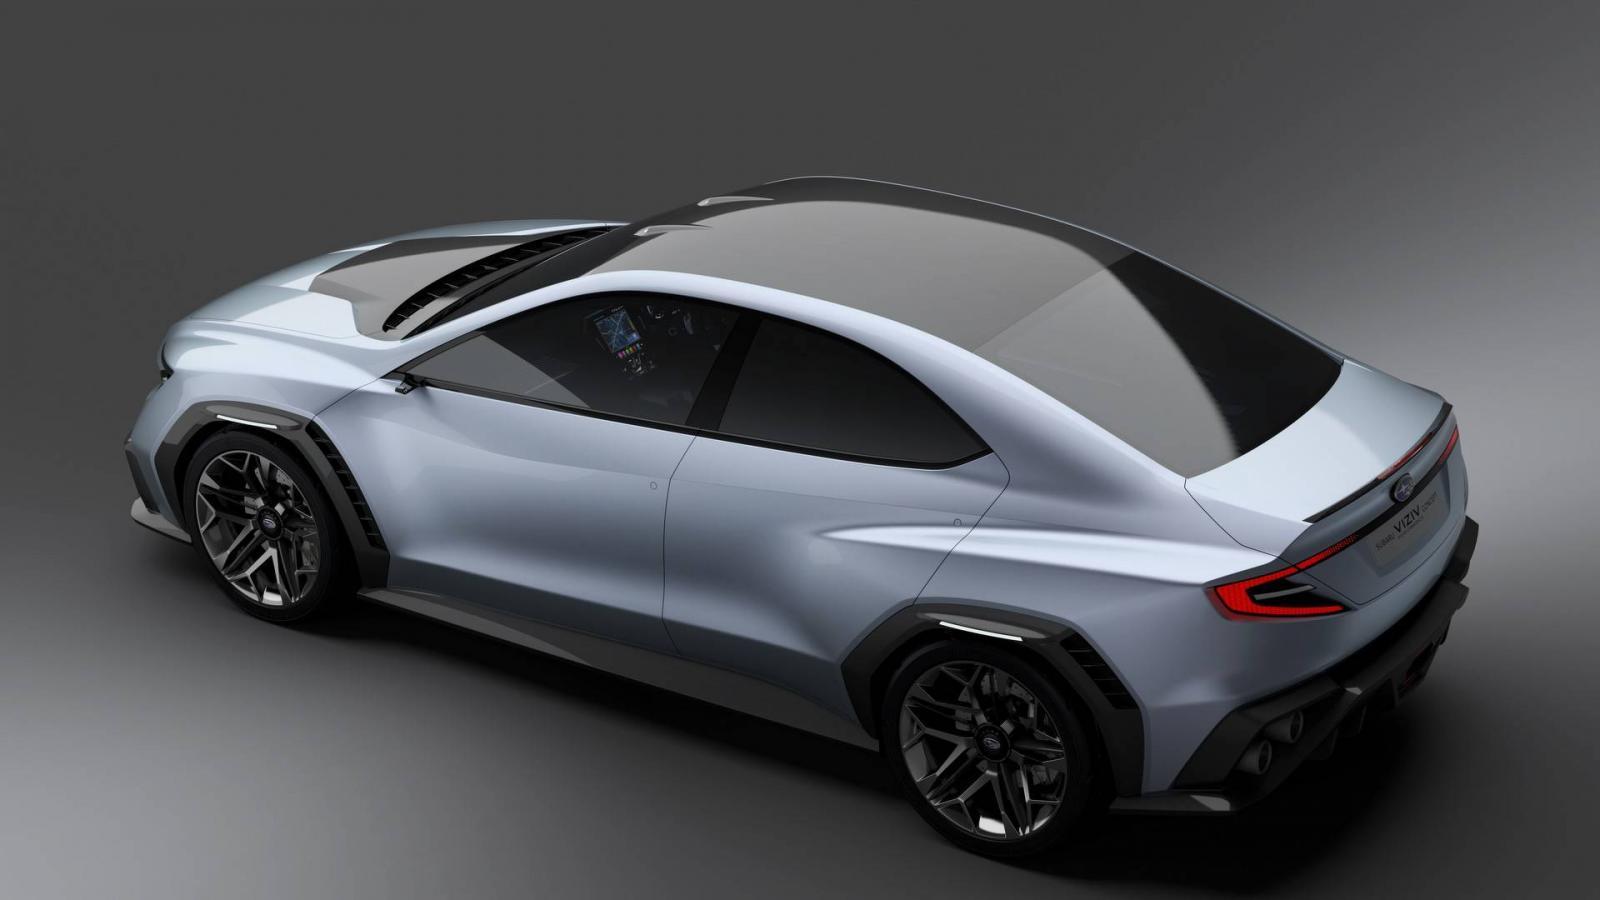 Субару анонсировала спортивный седан обновленного поколения